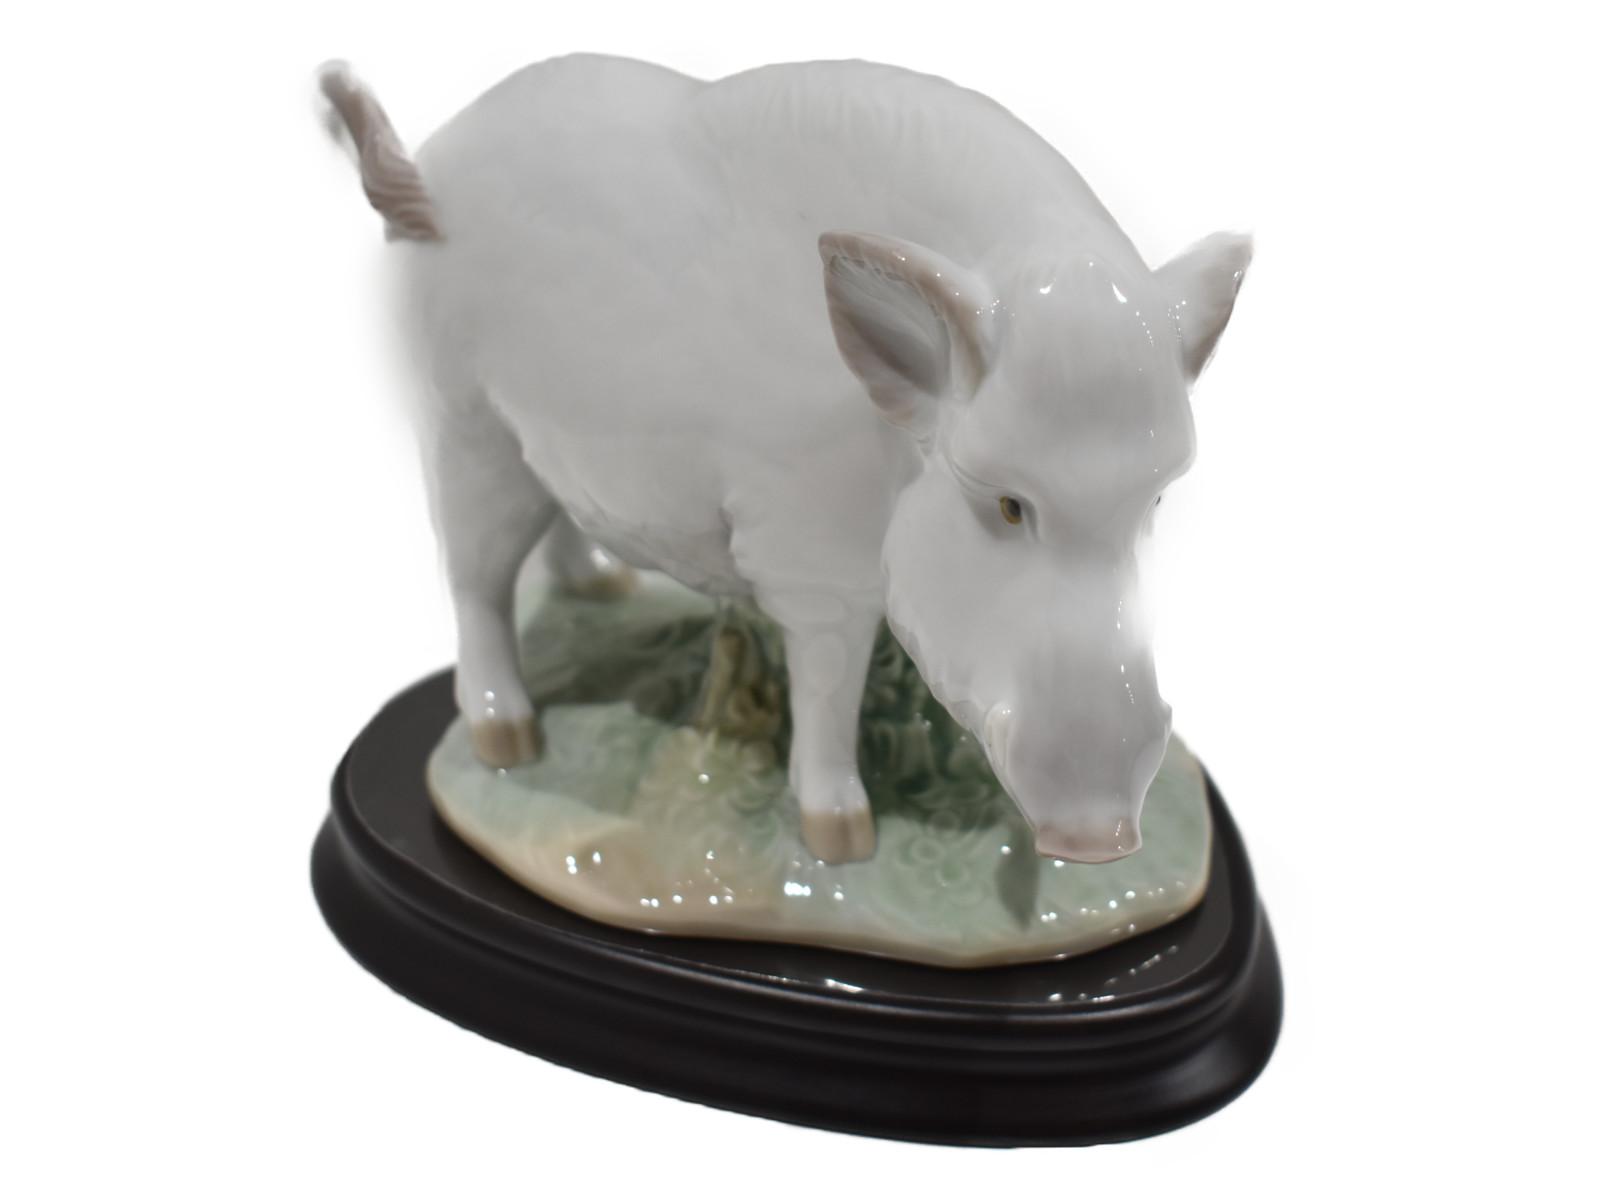 【☆十二支コレクション☆】LLADRO猪 陶器 LLADRO 陶器 インテリア 置物 雑貨 猪 十二支【中古】